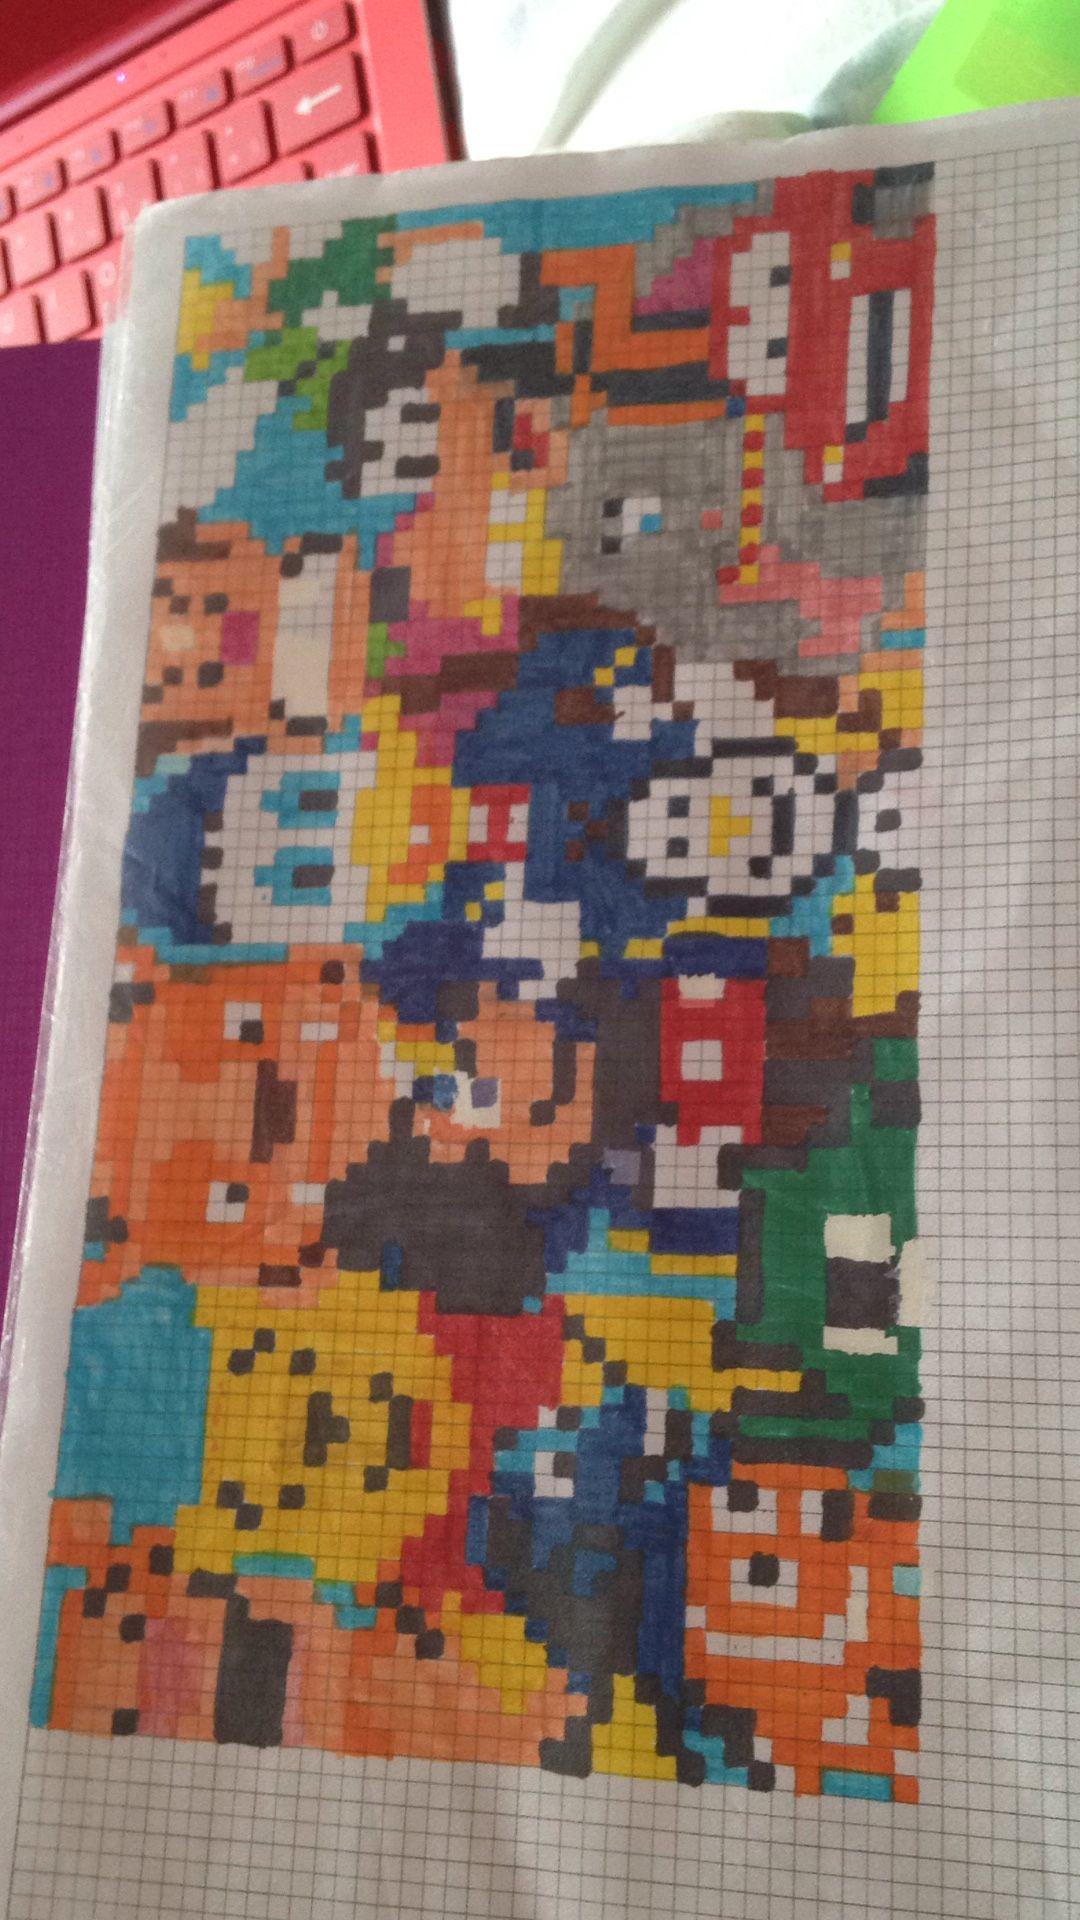 Epingle Par Justin Kanki Sur Mes Pixels Arts Dessin Petit Carreau Dessin Carreau Dessin Sur Petit Carreaux